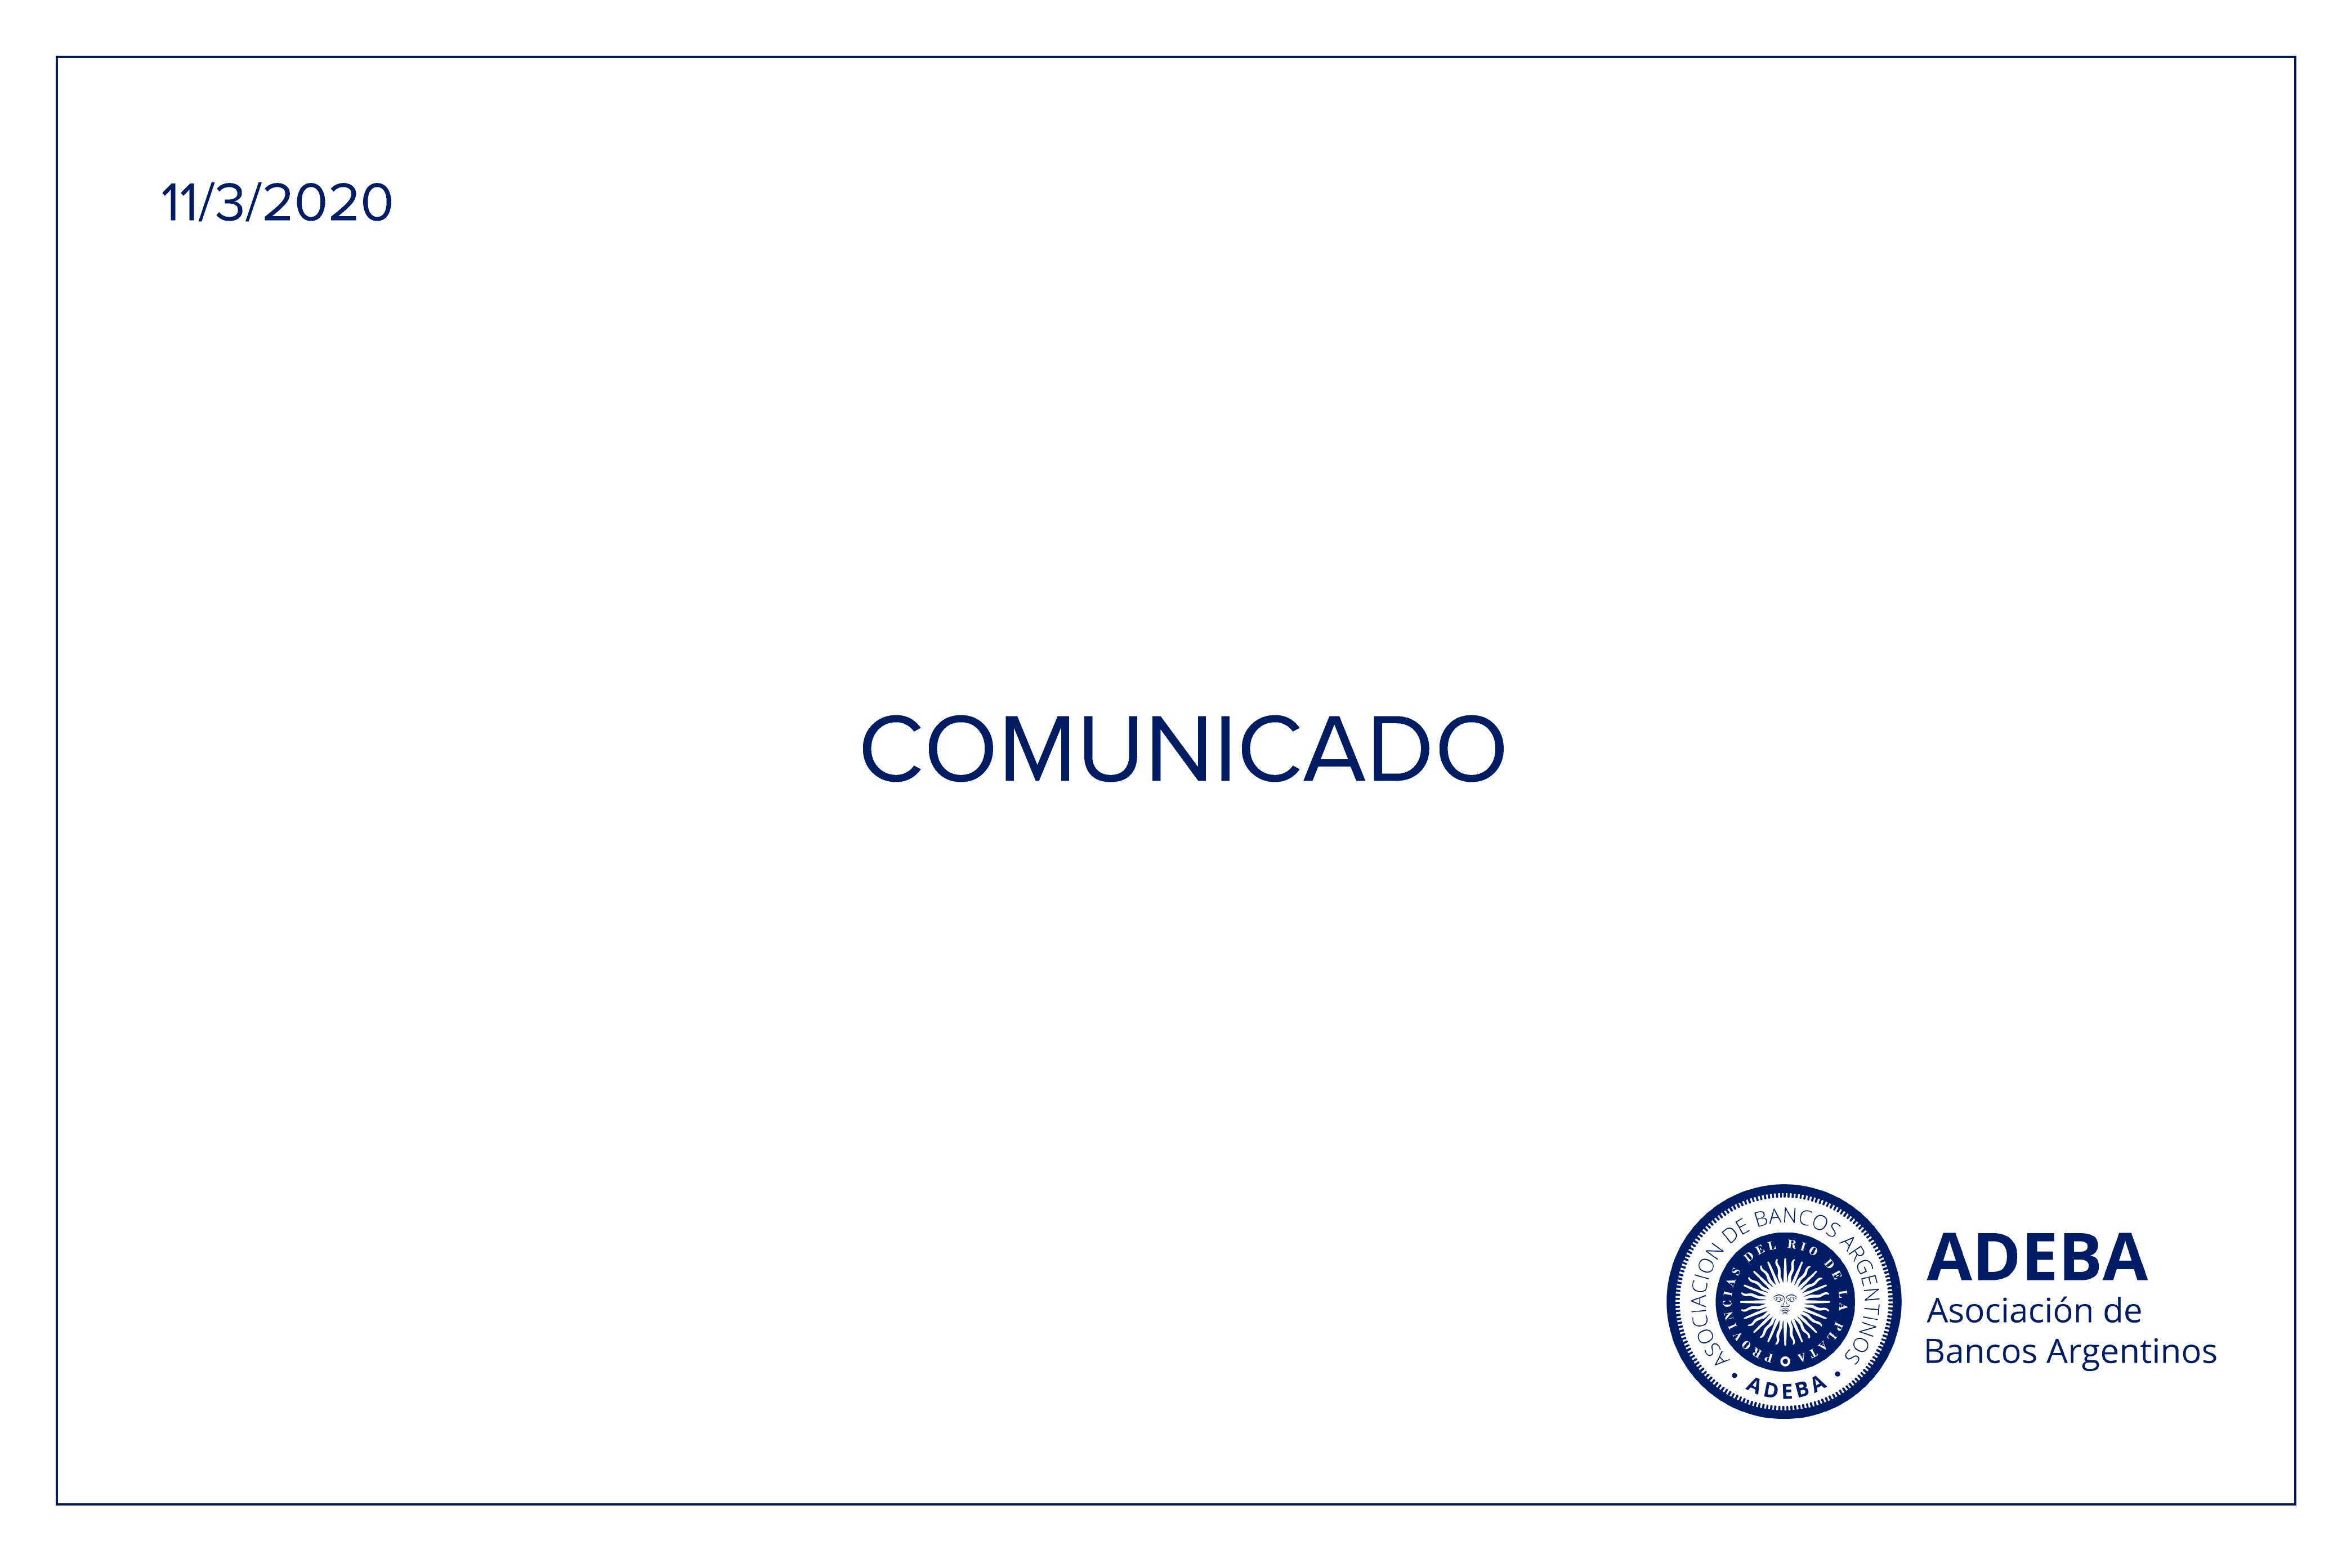 Medidas de los bancos para el cuidado de los usuarios y empleados frente al COVID19